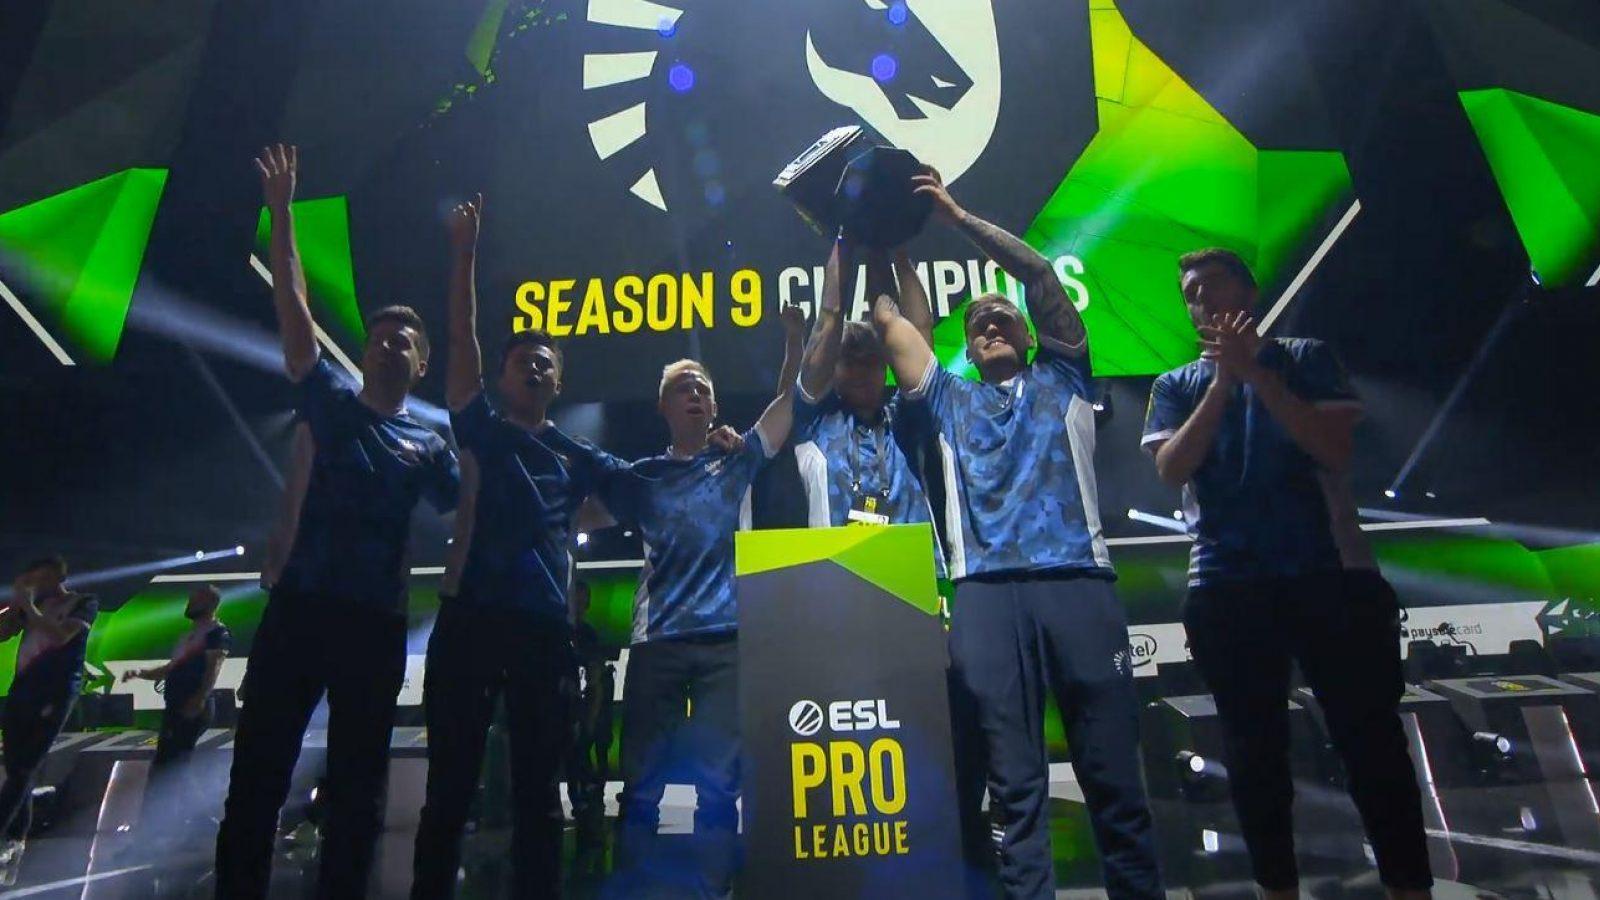 فوز تيم ليكود رياضة إلكترونية كاونتر Team-Liquid-wins ESL-Pro-League-season 9 defeat g2 astralis